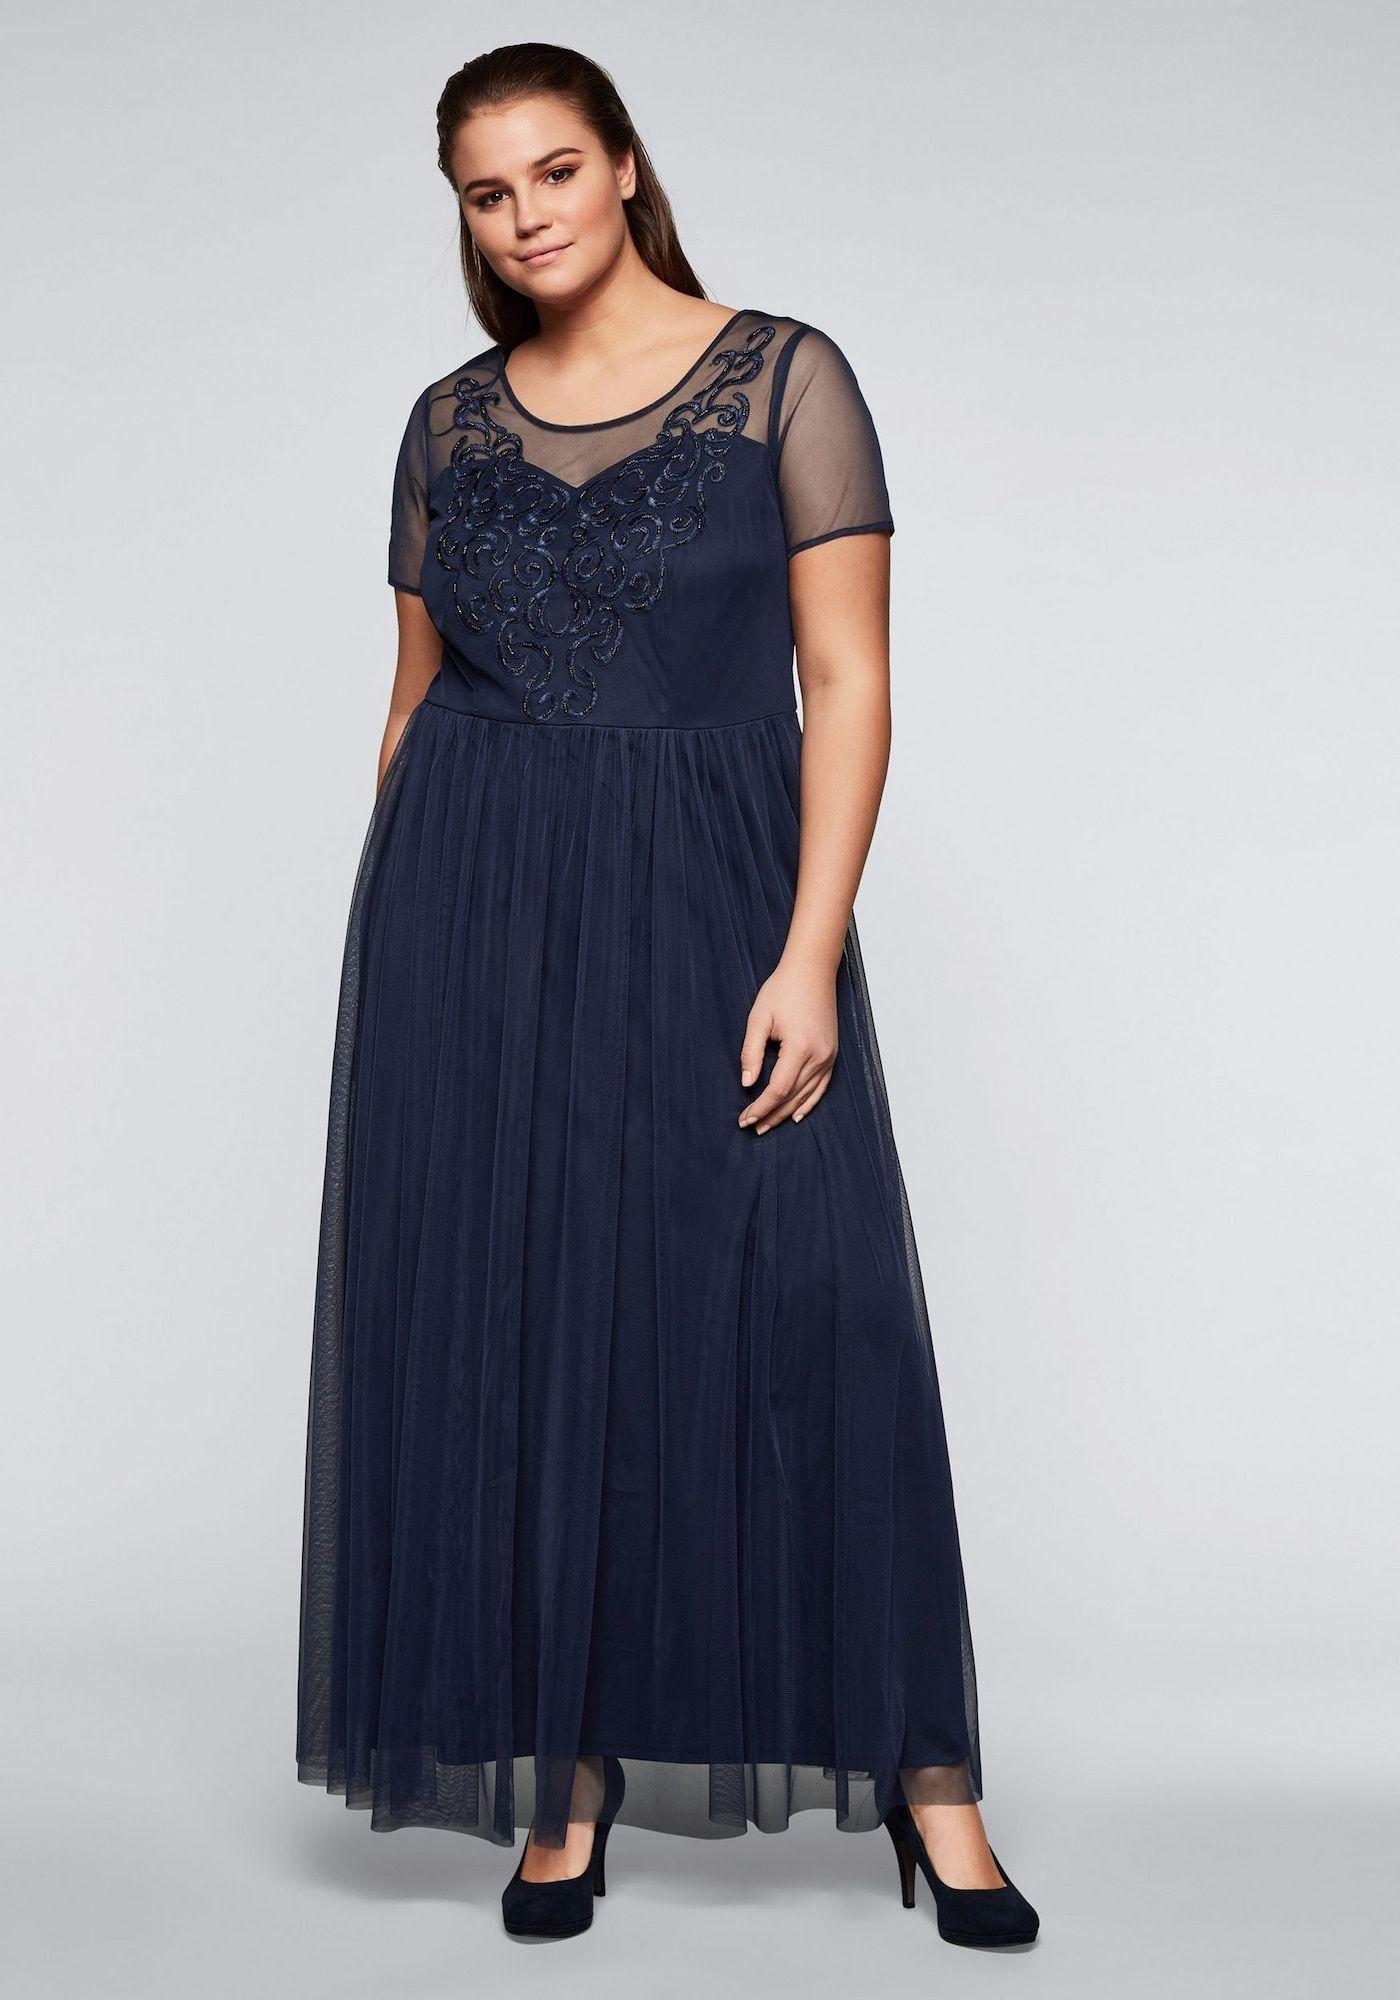 SHEEGO Abendkleid in nachtblau  Abendkleid, Kleider und Elegante